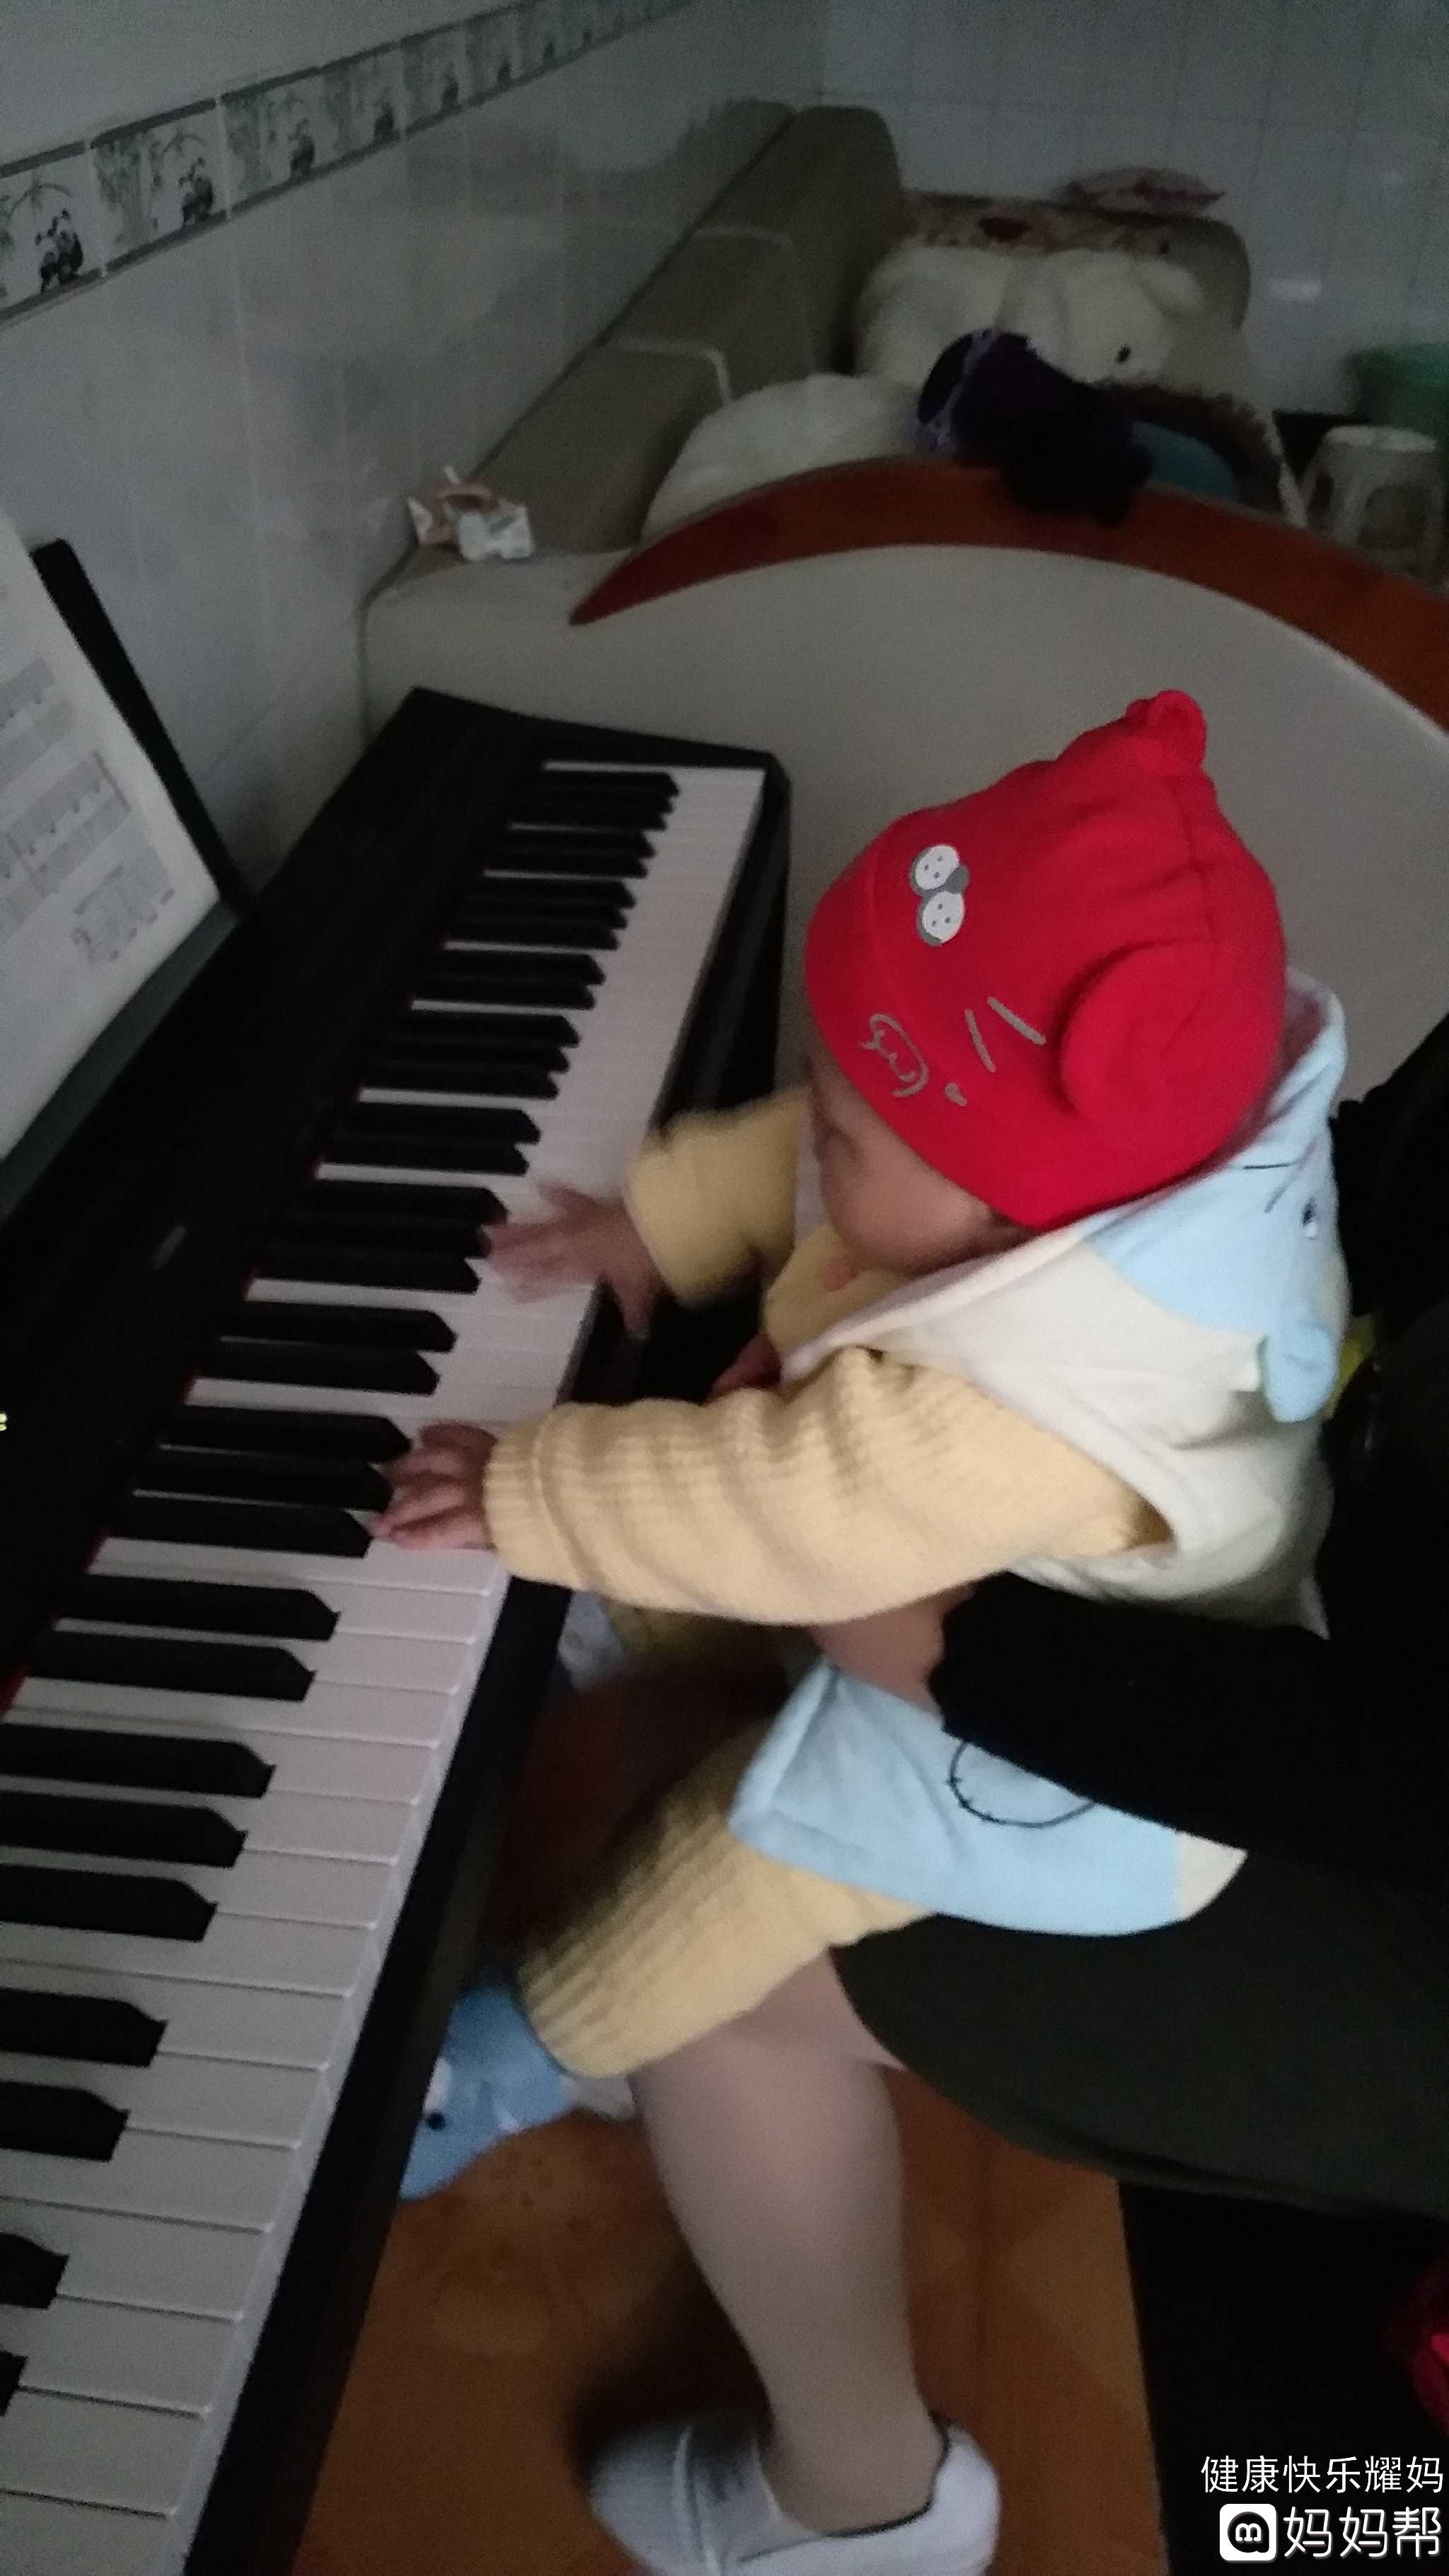 【晒晒熊孩子】爱弹钢琴 - 晒图 - 妈妈帮